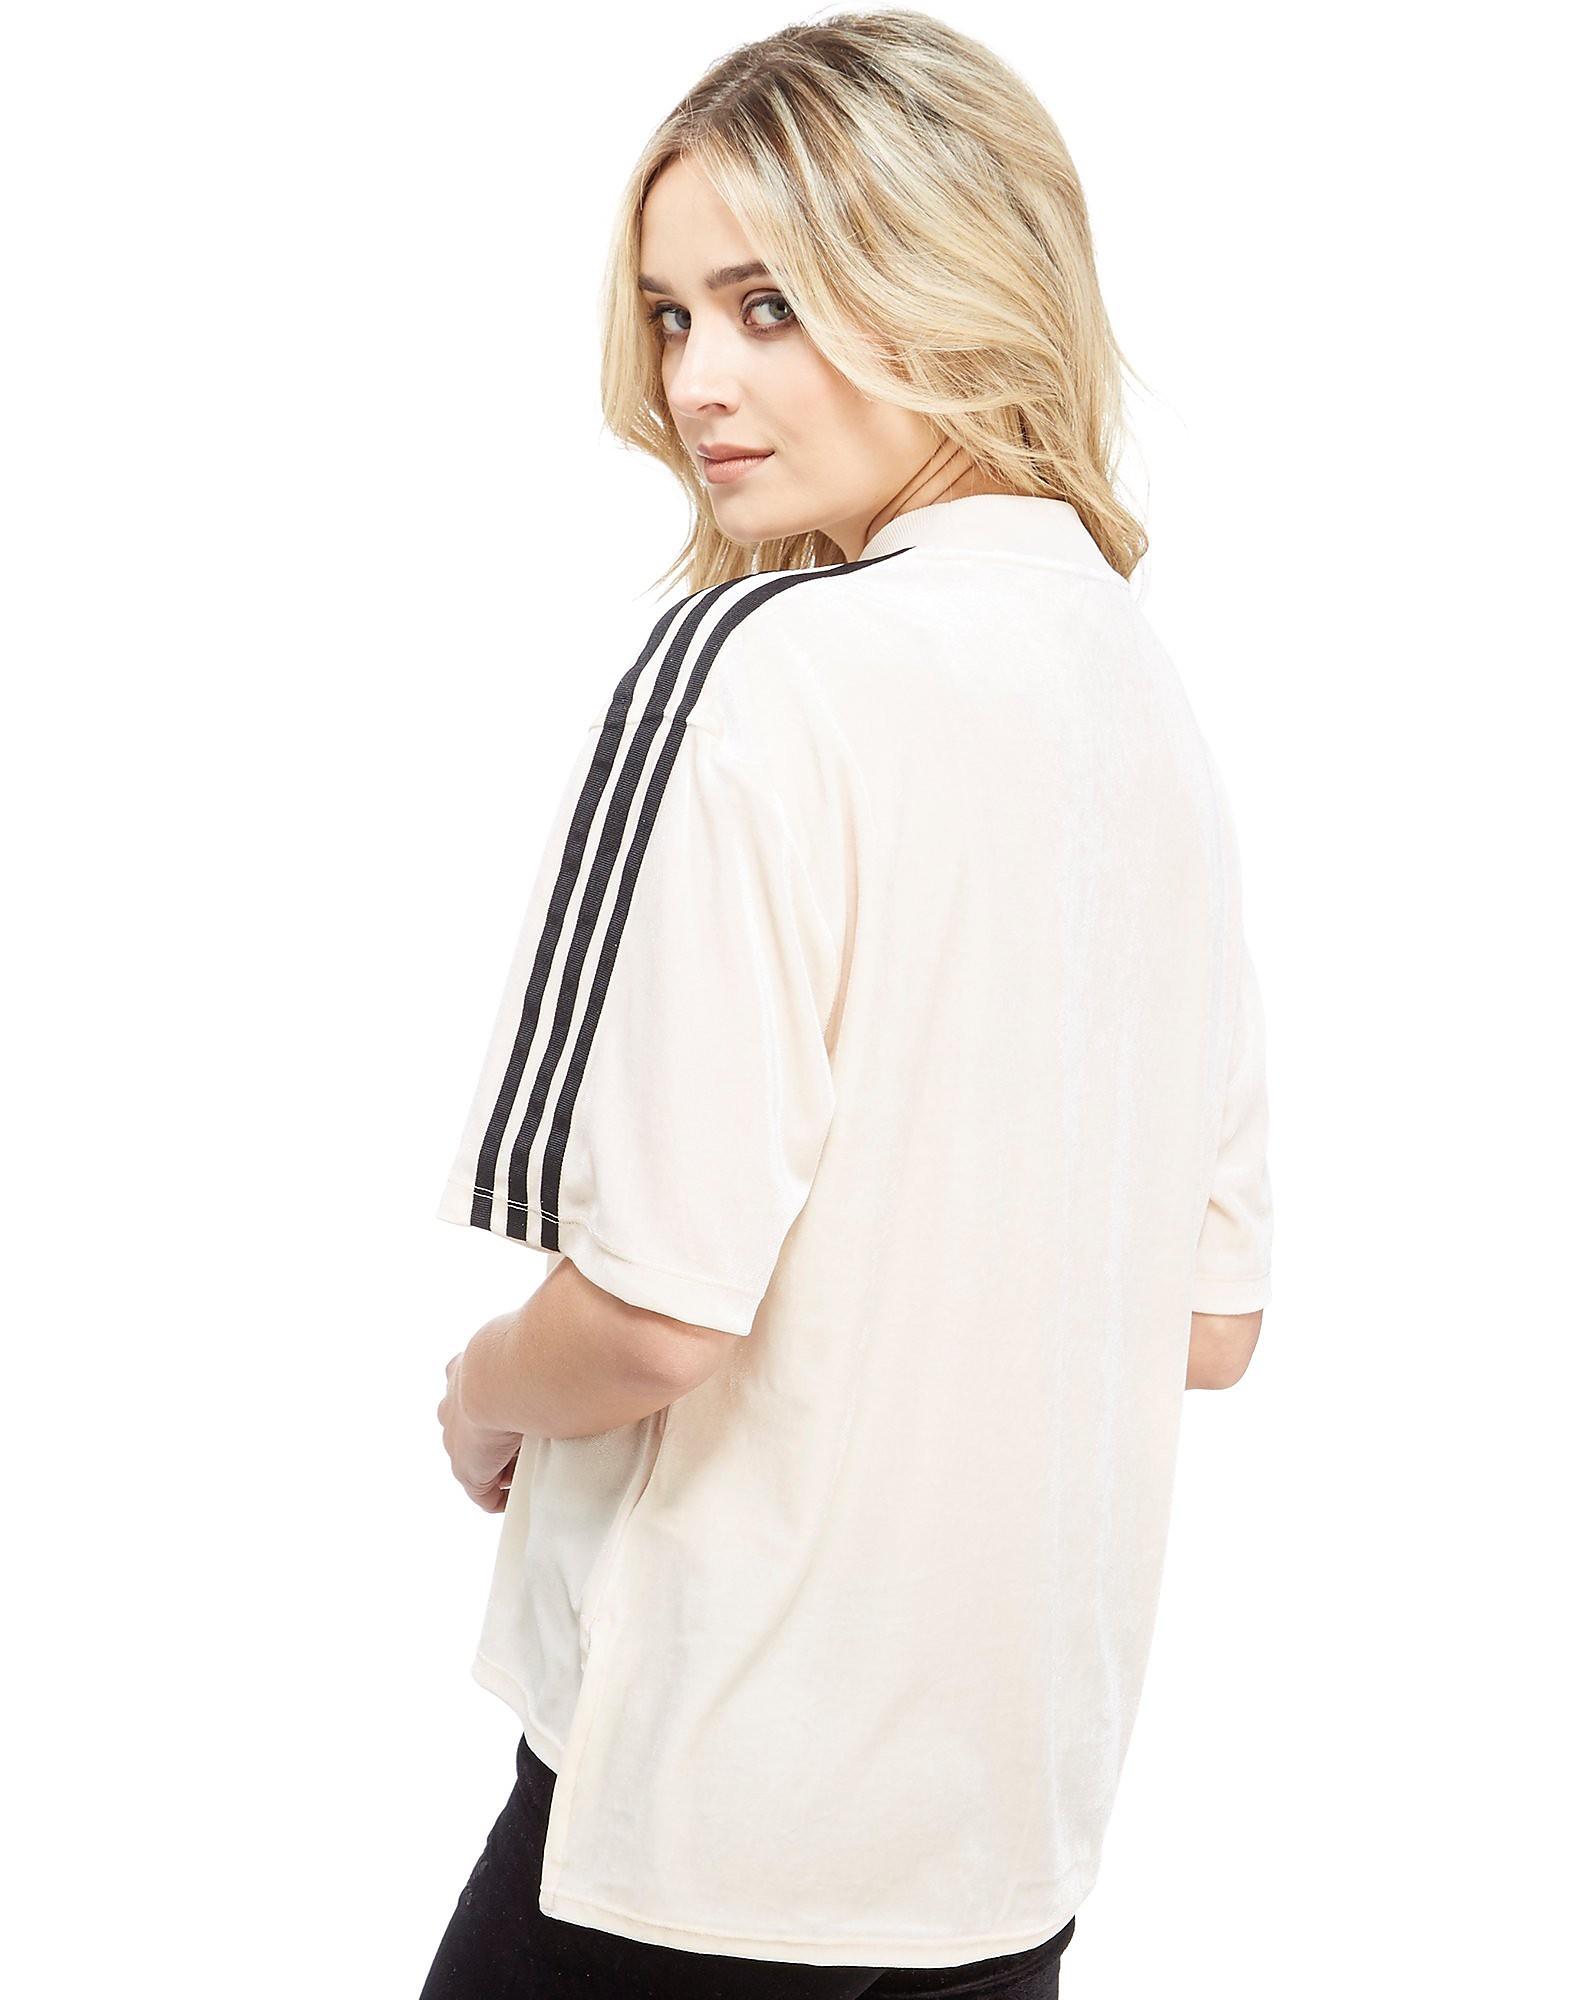 adidas Originals T-Shirt i Fløjl med Høj Hals og 3 Striber